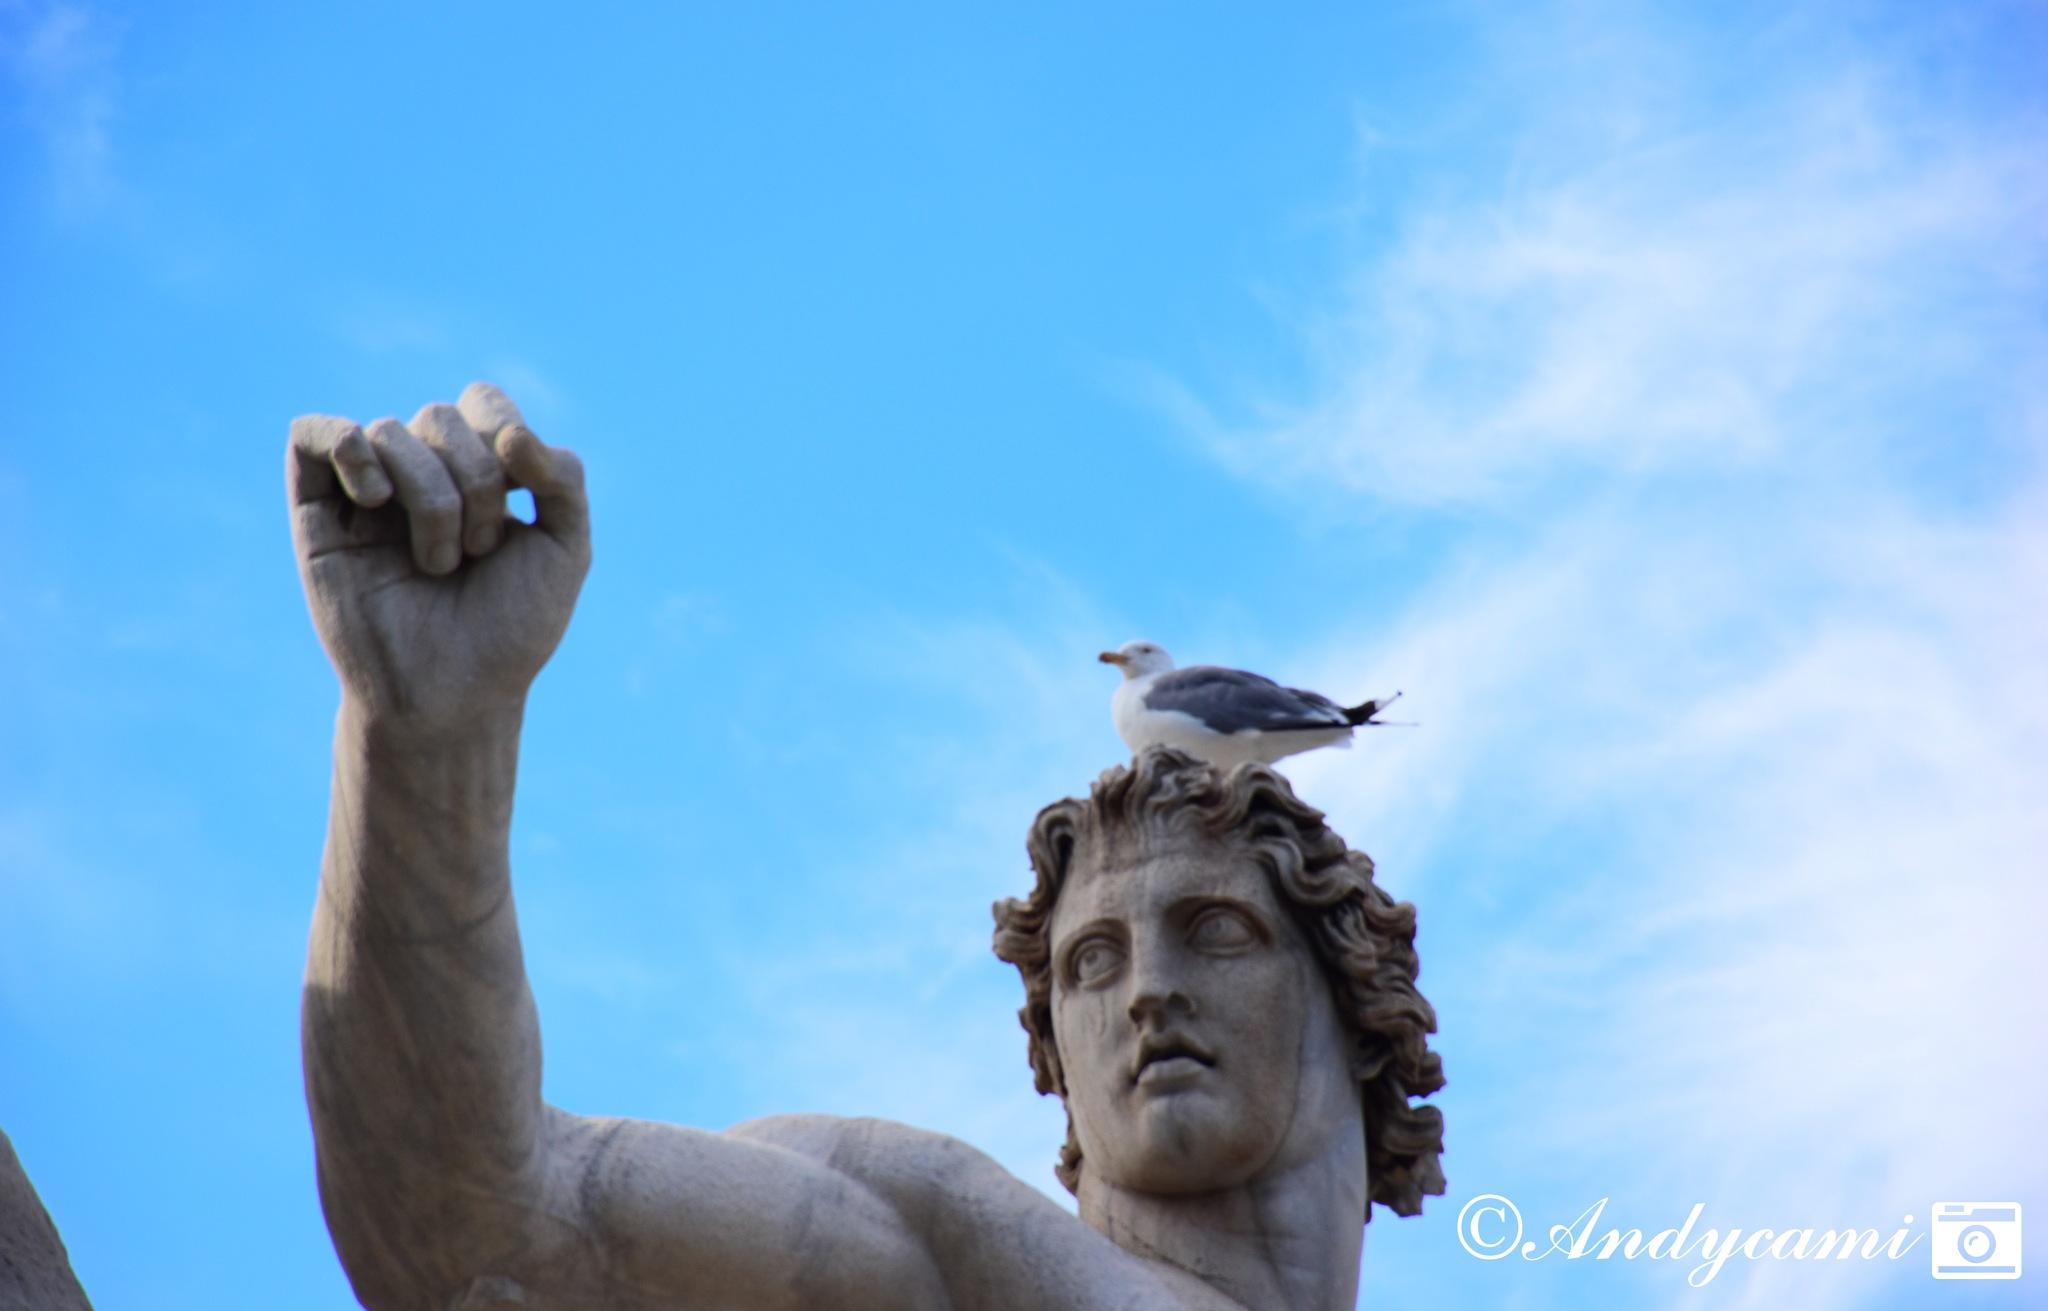 Statue da vicino #2 by Andres Camilo Peragine